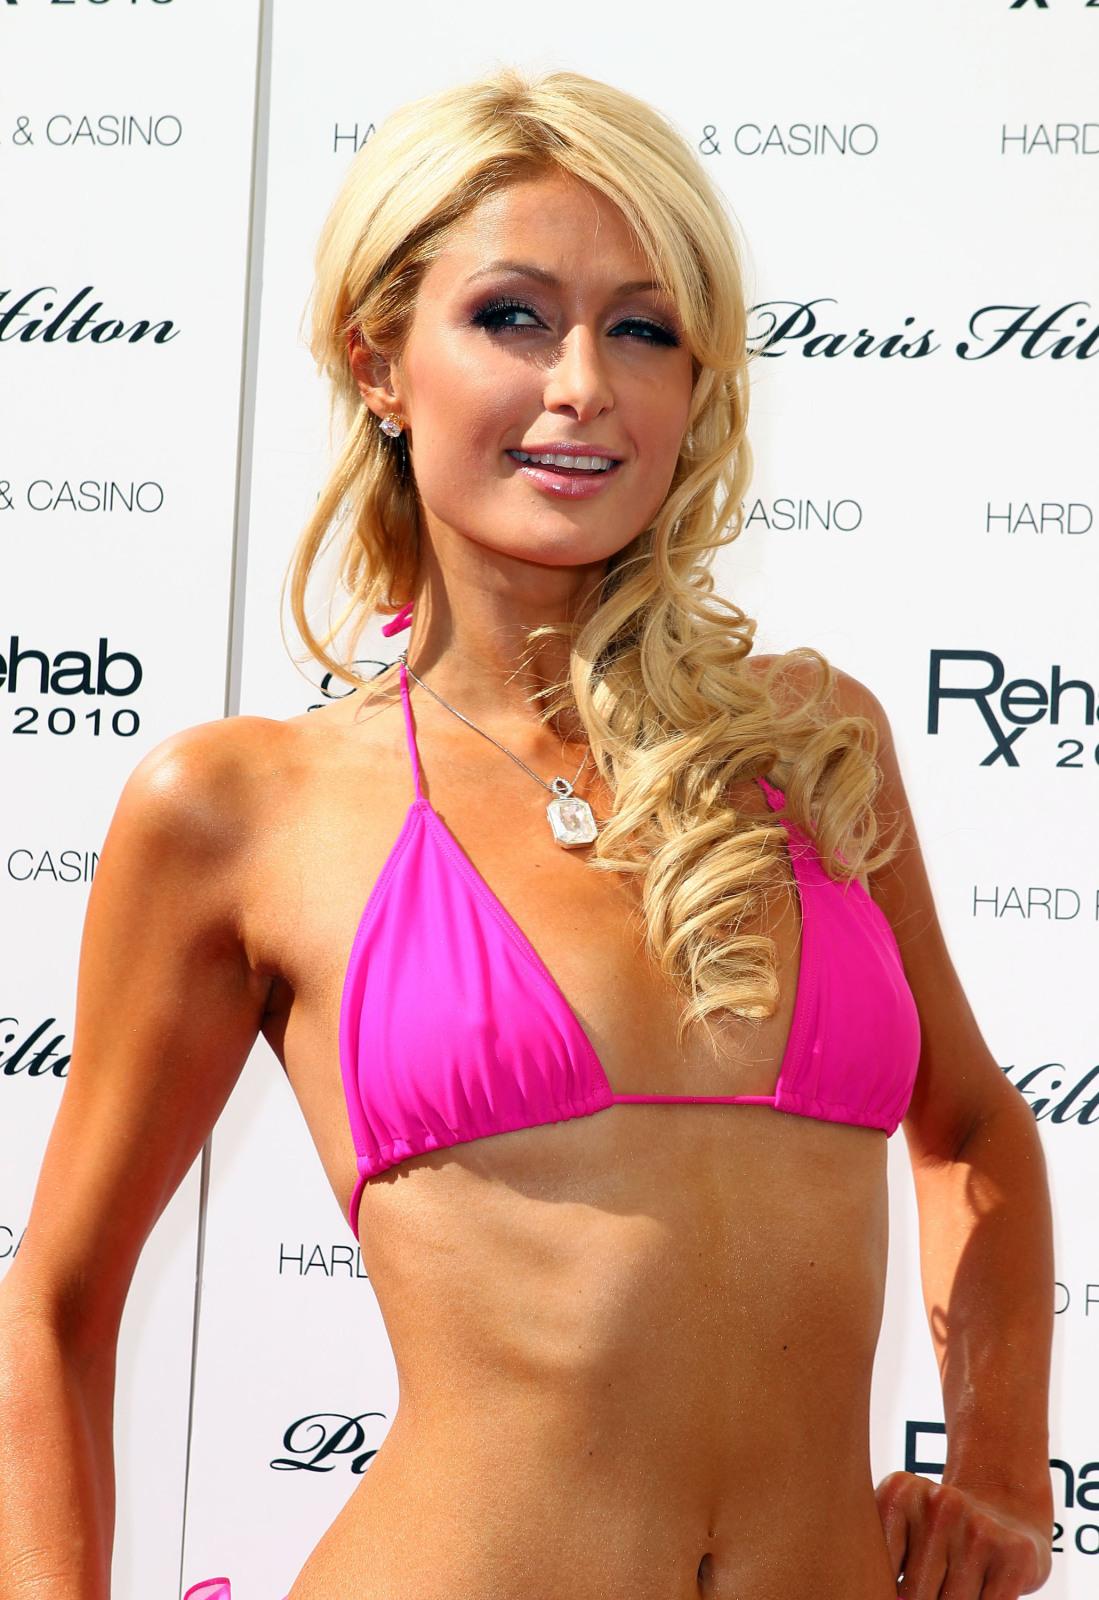 http://3.bp.blogspot.com/_AjWUpQhTvyg/S9bqR1AftNI/AAAAAAAABHU/nyhkWwFPfEY/s1600/Paris+Hilton+Hot+HQ+wallpaper3.jpg